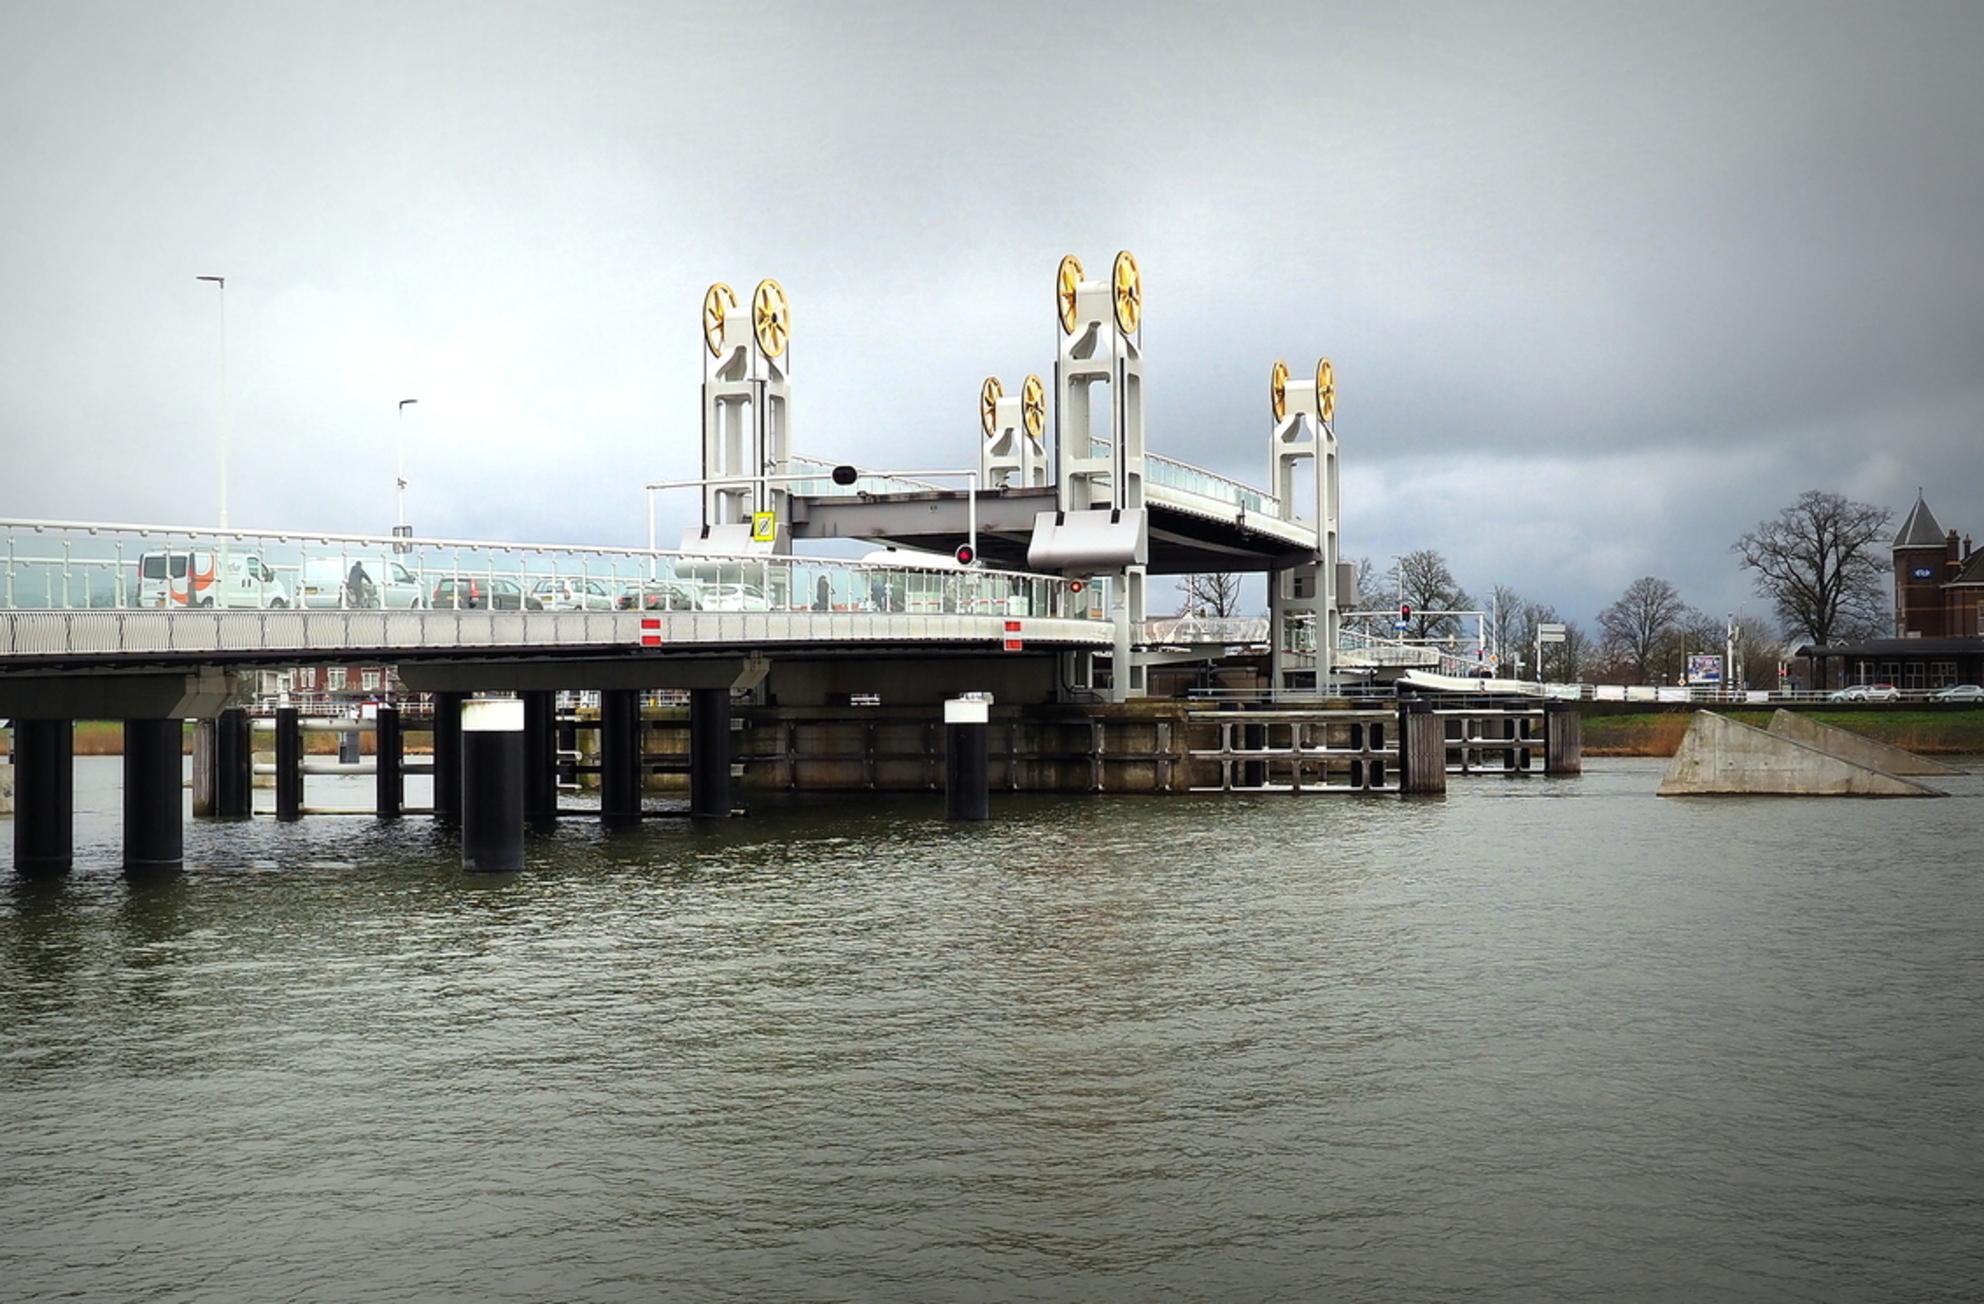 Kampen - Gouden Wielen - foto door pietsnoeier op 06-04-2021 - deze foto bevat: architectuur, kunst, brug, kampen